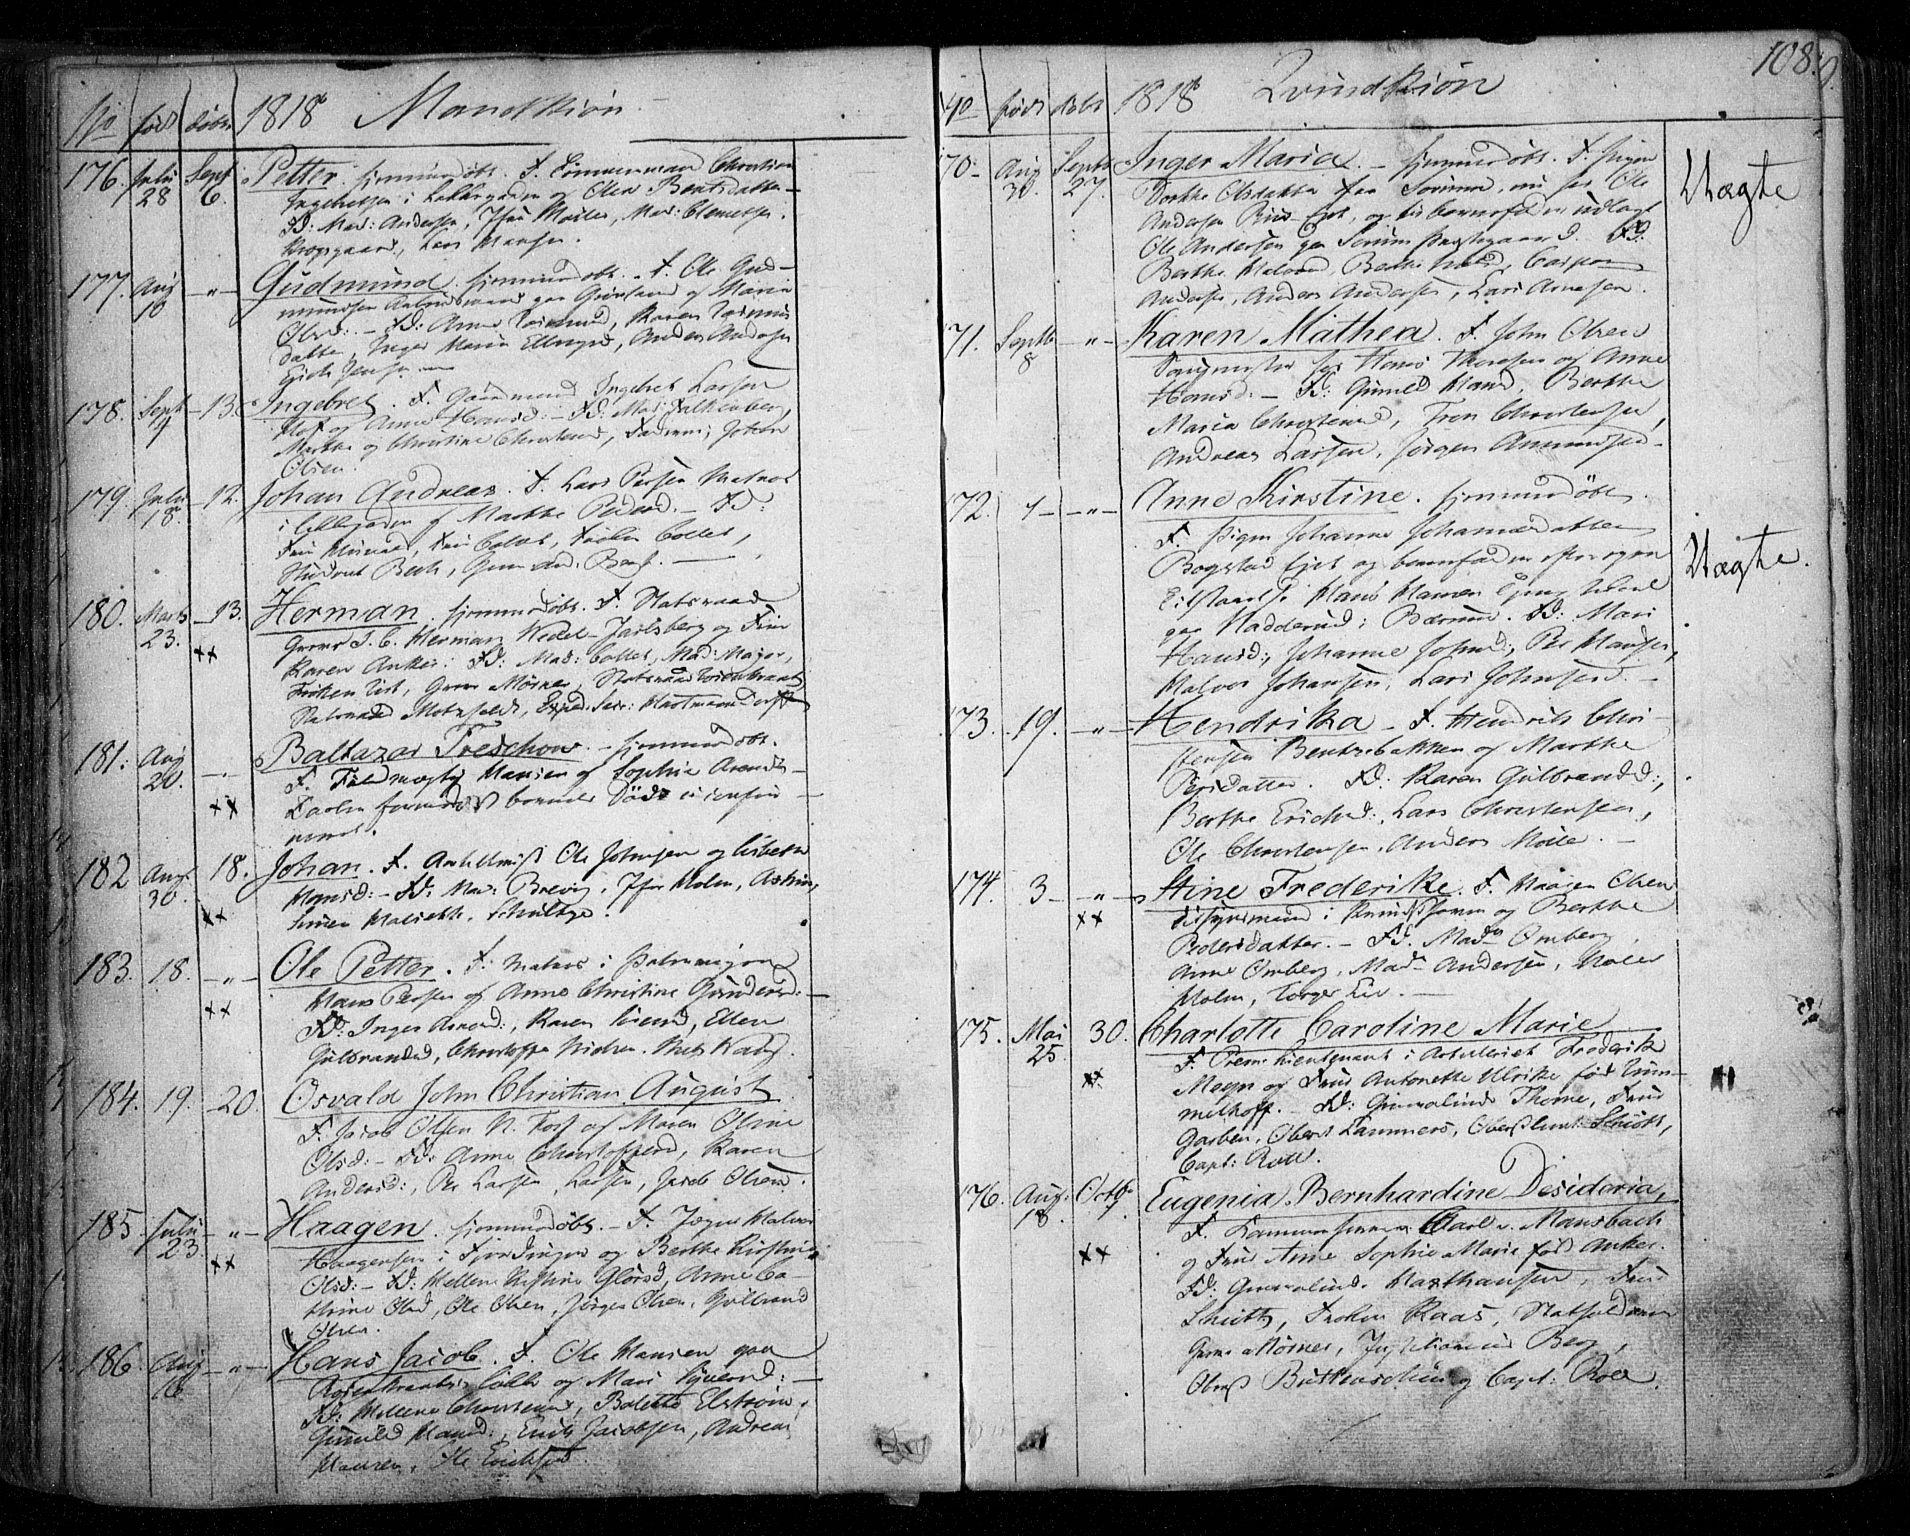 SAO, Aker prestekontor kirkebøker, F/L0011: Ministerialbok nr. 11, 1810-1819, s. 108